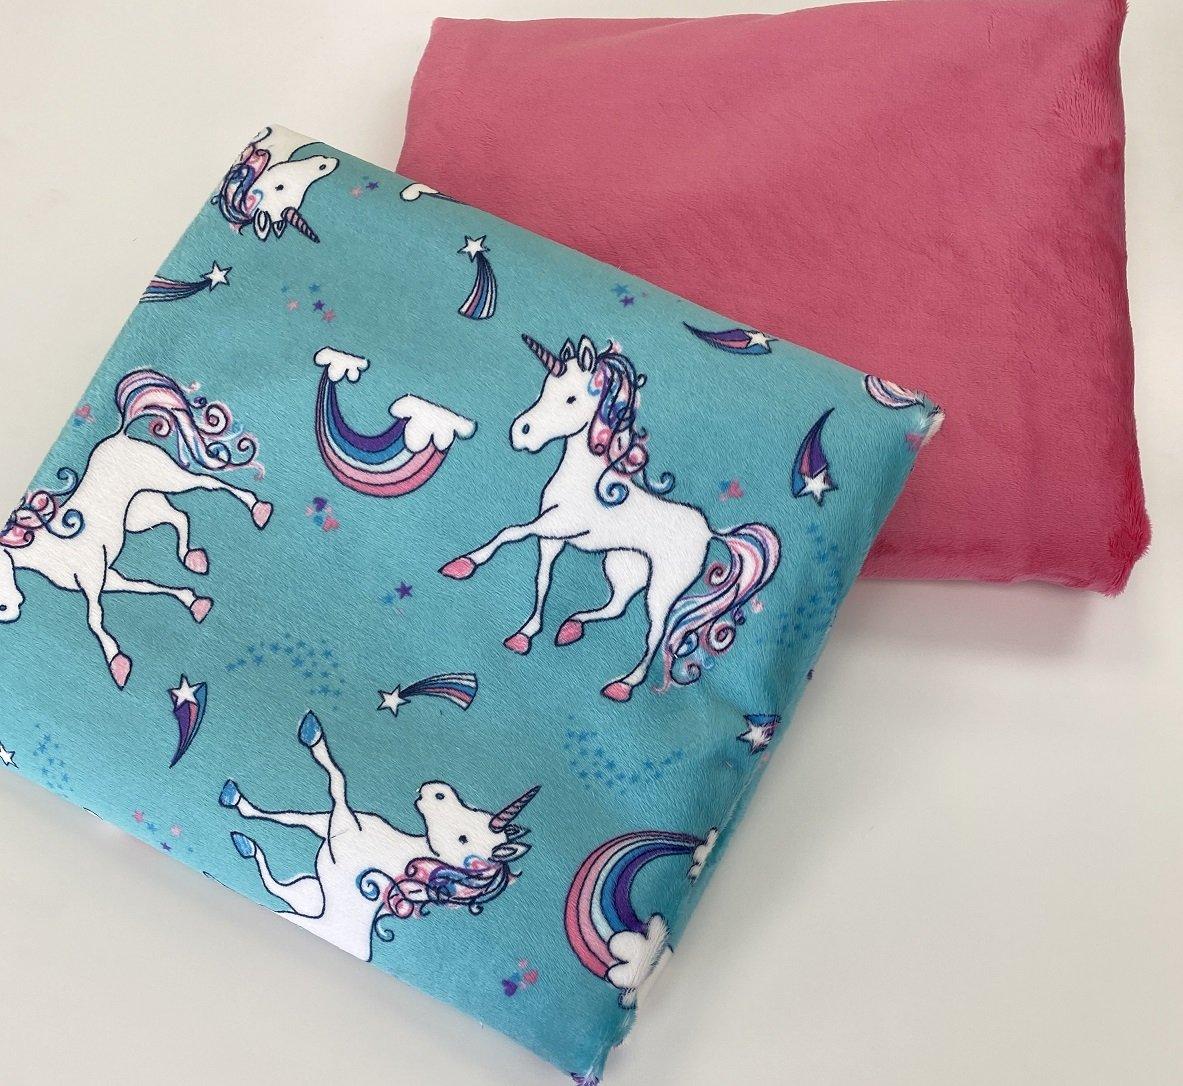 Self Binding Blanket - Unicorns W/Pink